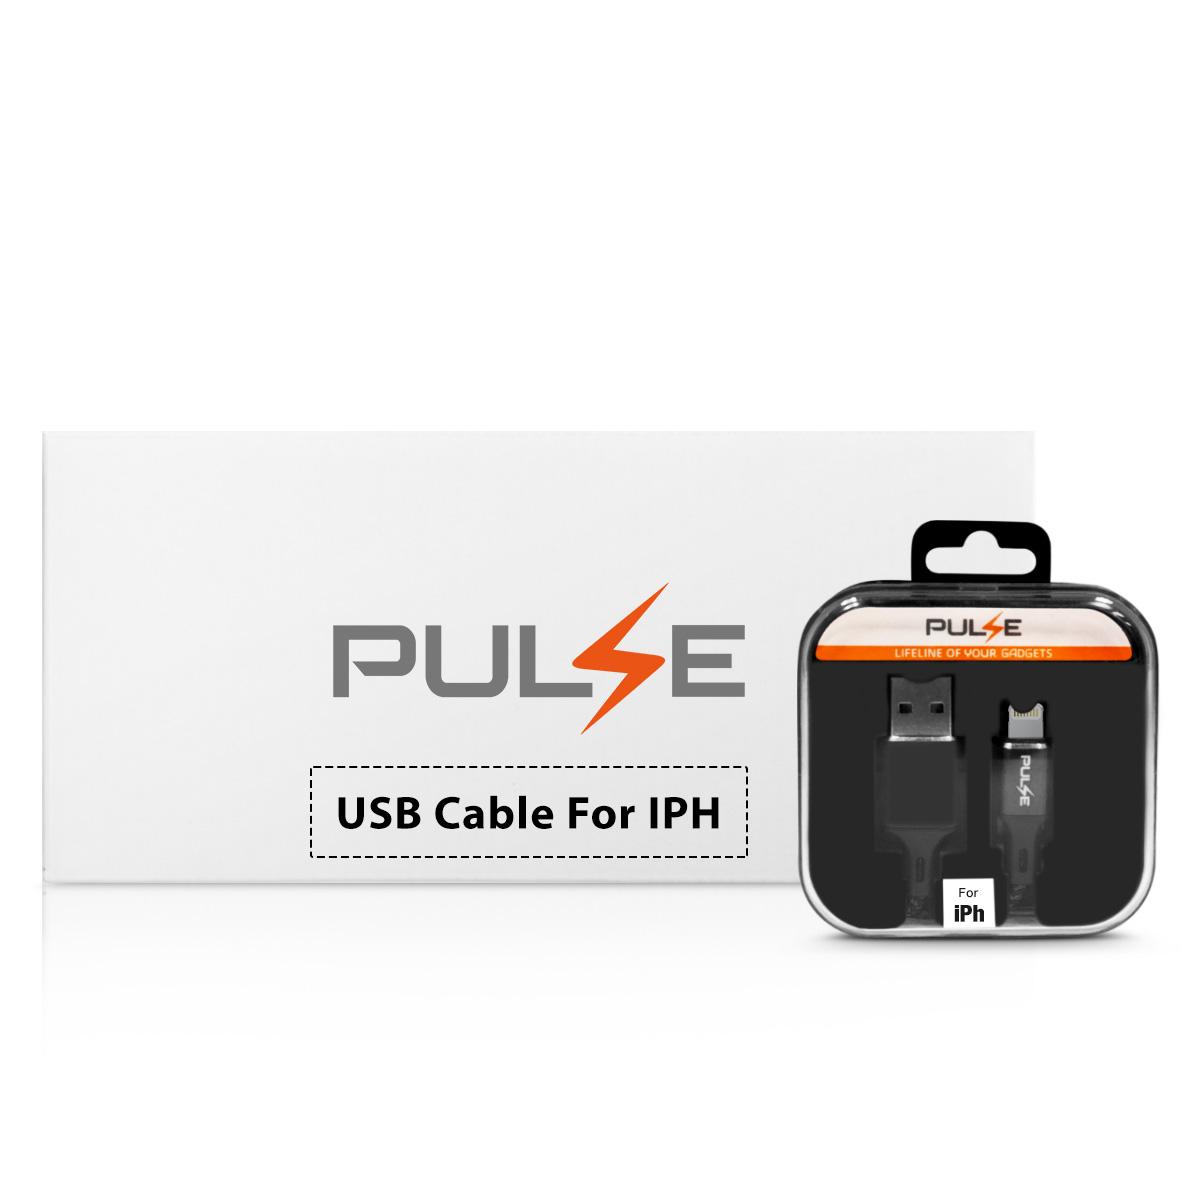 10PC-4F-NL-USB-IP-BK